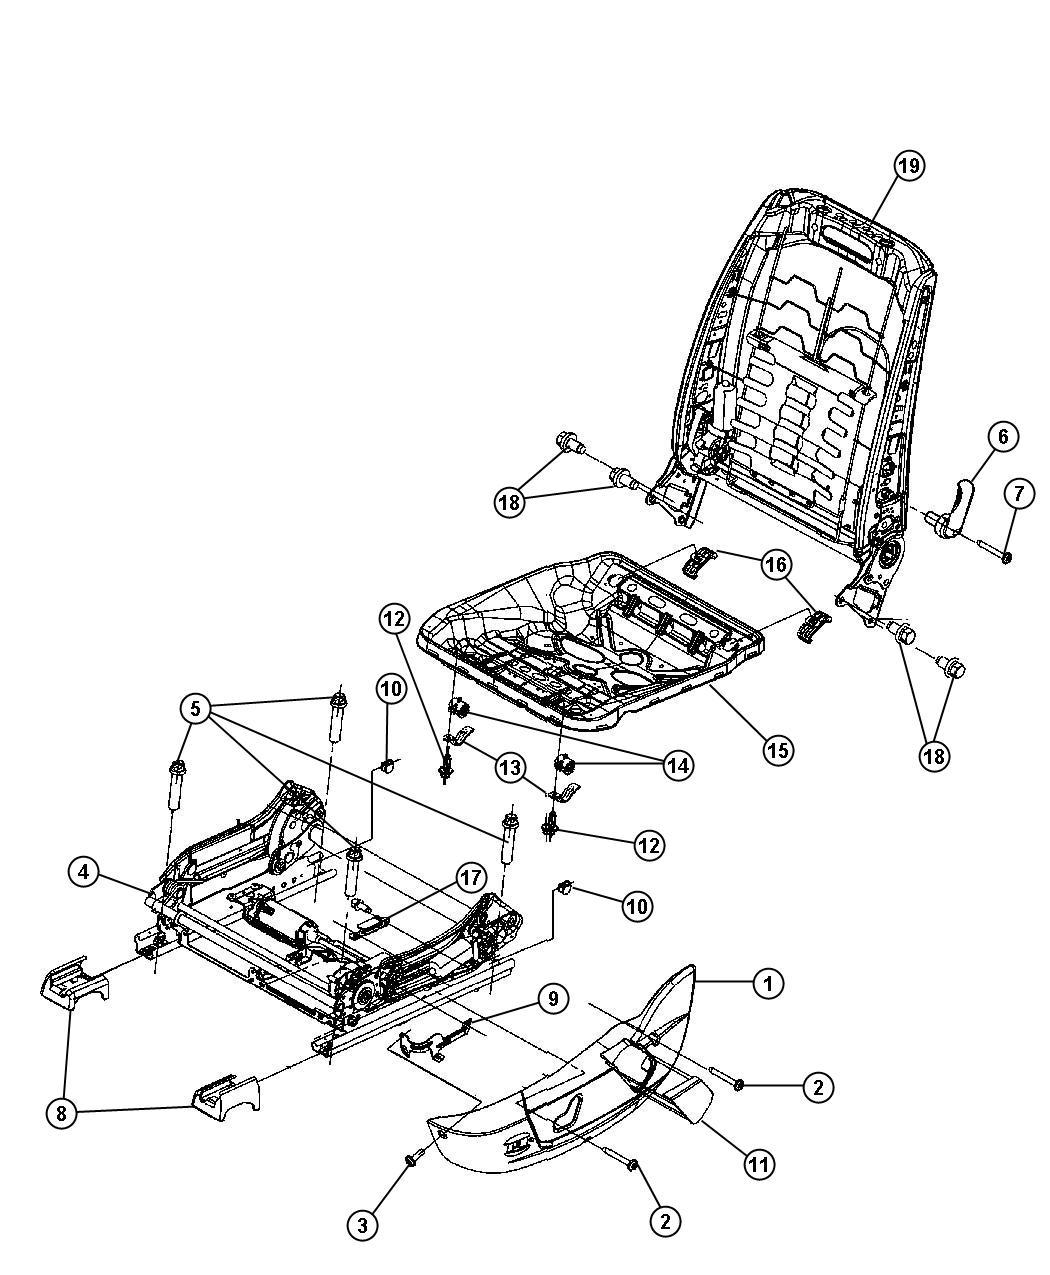 Service manual [2010 Dodge Nitro Seat Rail Guide